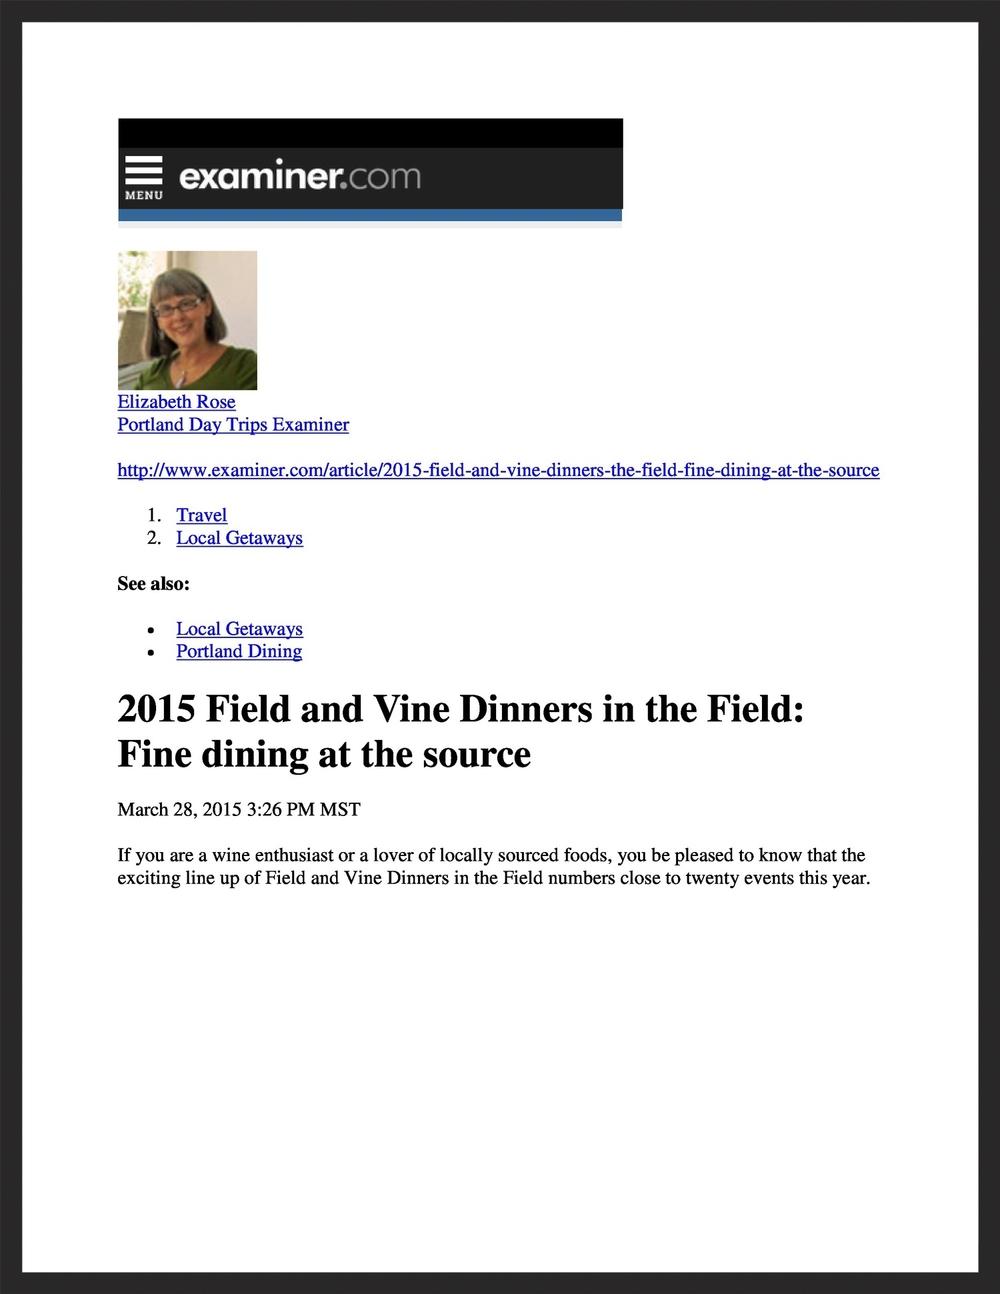 FIELD &VINE  Examiner.com  03.28.2015